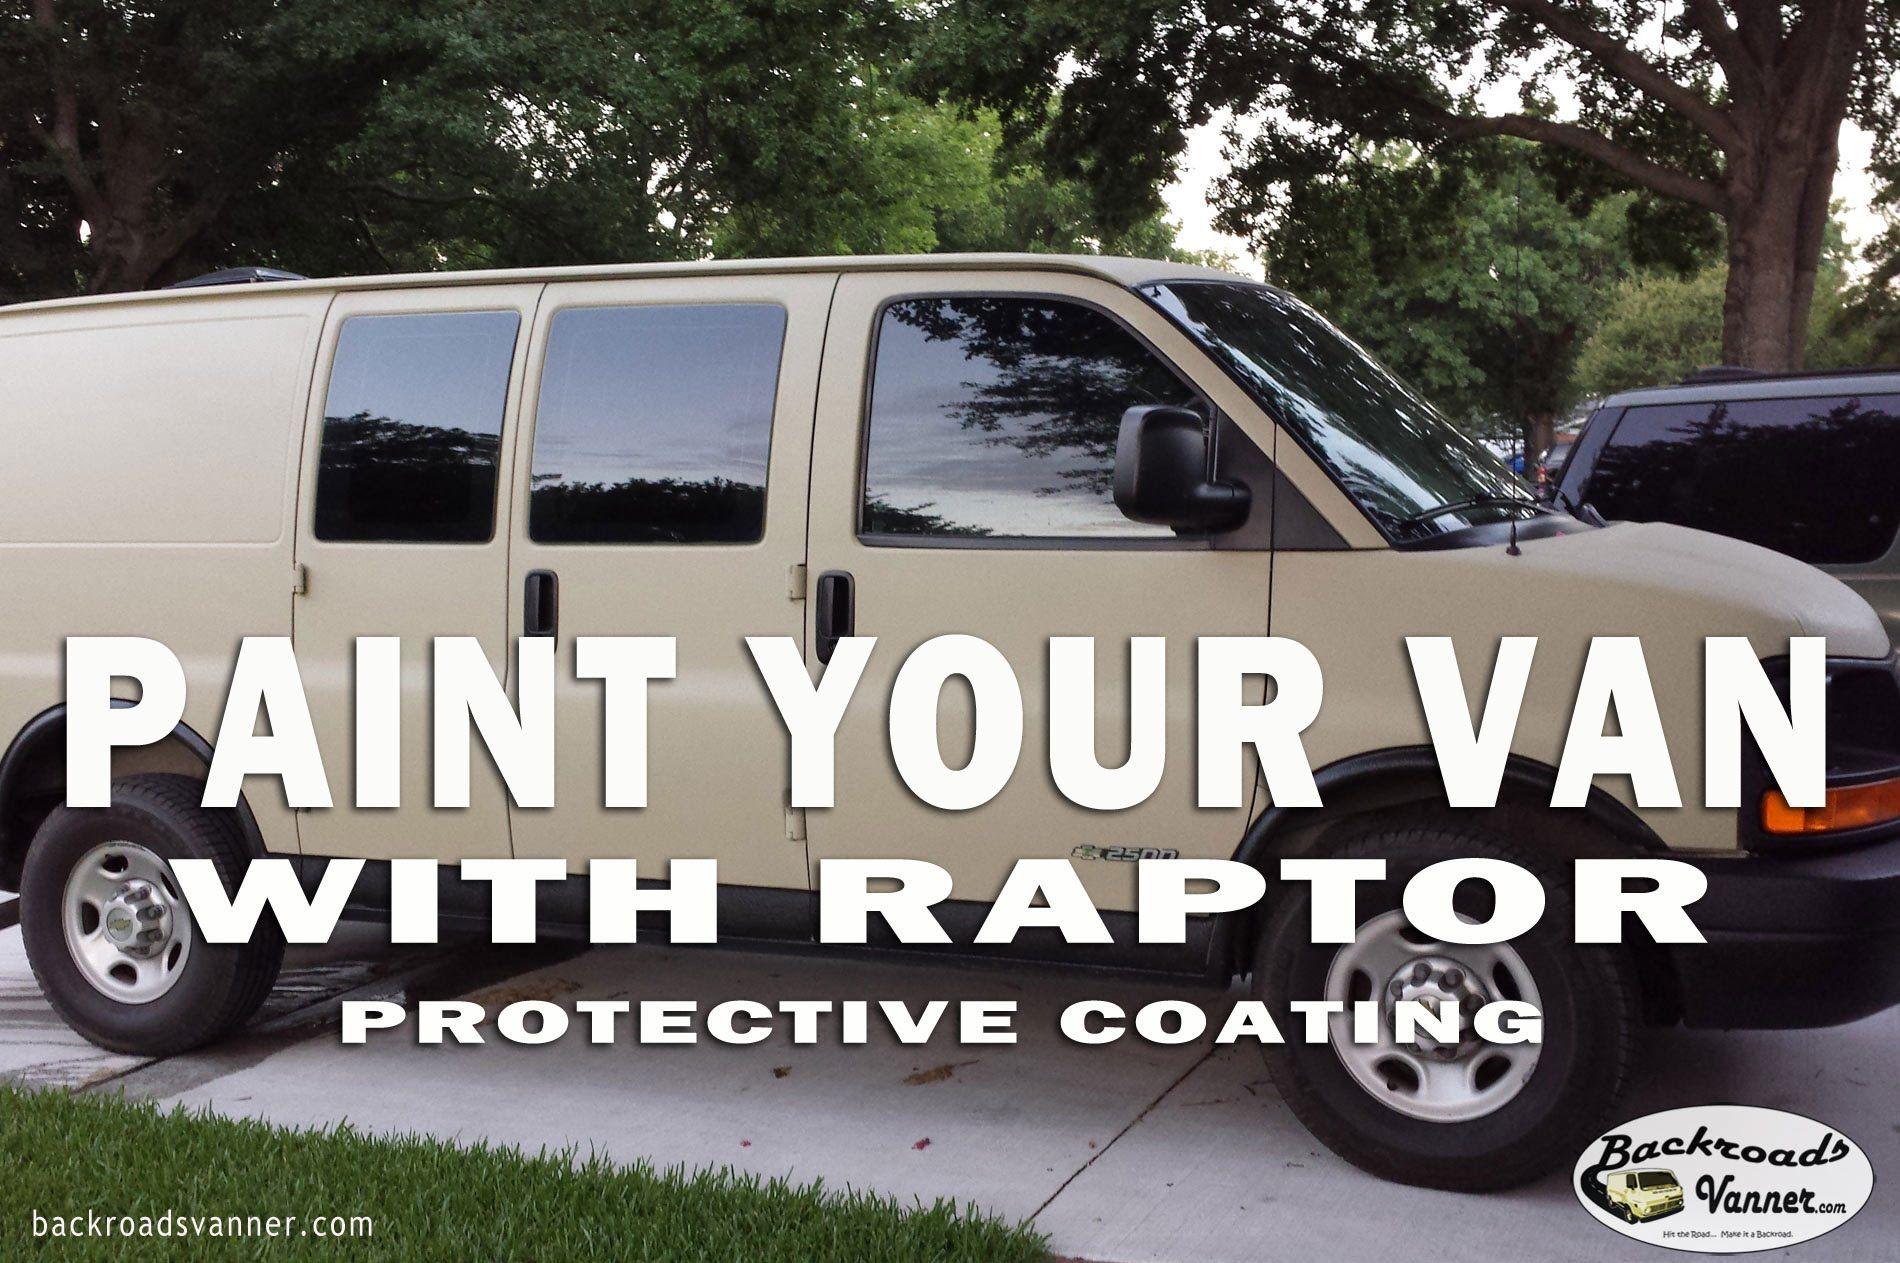 Van Life Diy Painting A Camper Van W Raptor Bed Liner Fixing Peeling Paint On A Chevy Van Youtube Chevy Van Van Life Diy Van Life